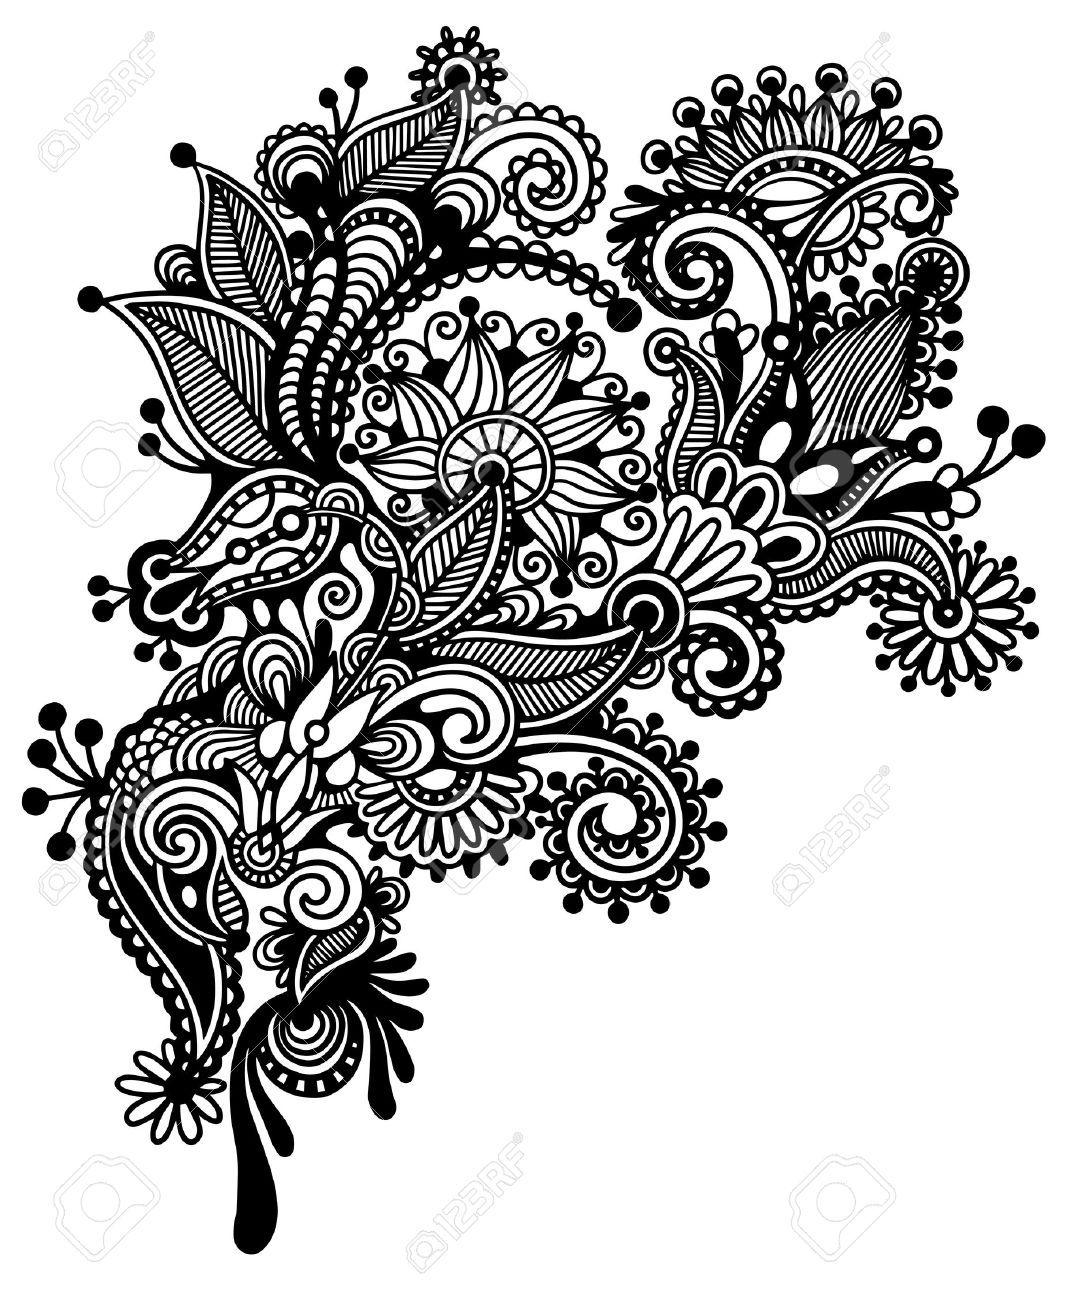 16668765blackandwhitelineartornateflowerdesign